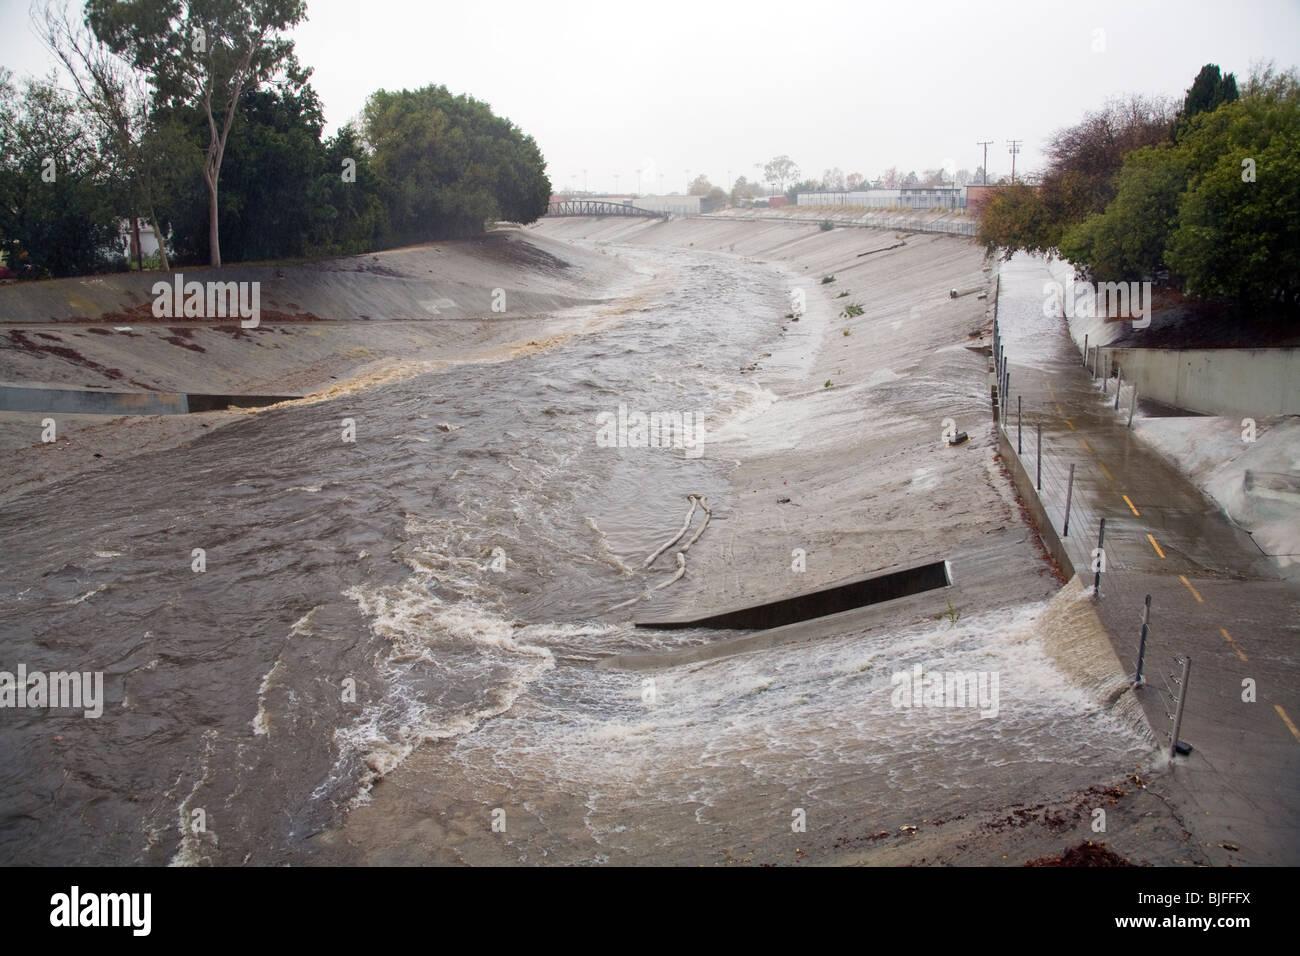 L'eau de pluie se déverse des tuyaux dans le ruisseau Ballona, neuf mille d'eau qui draine le bassin Photo Stock